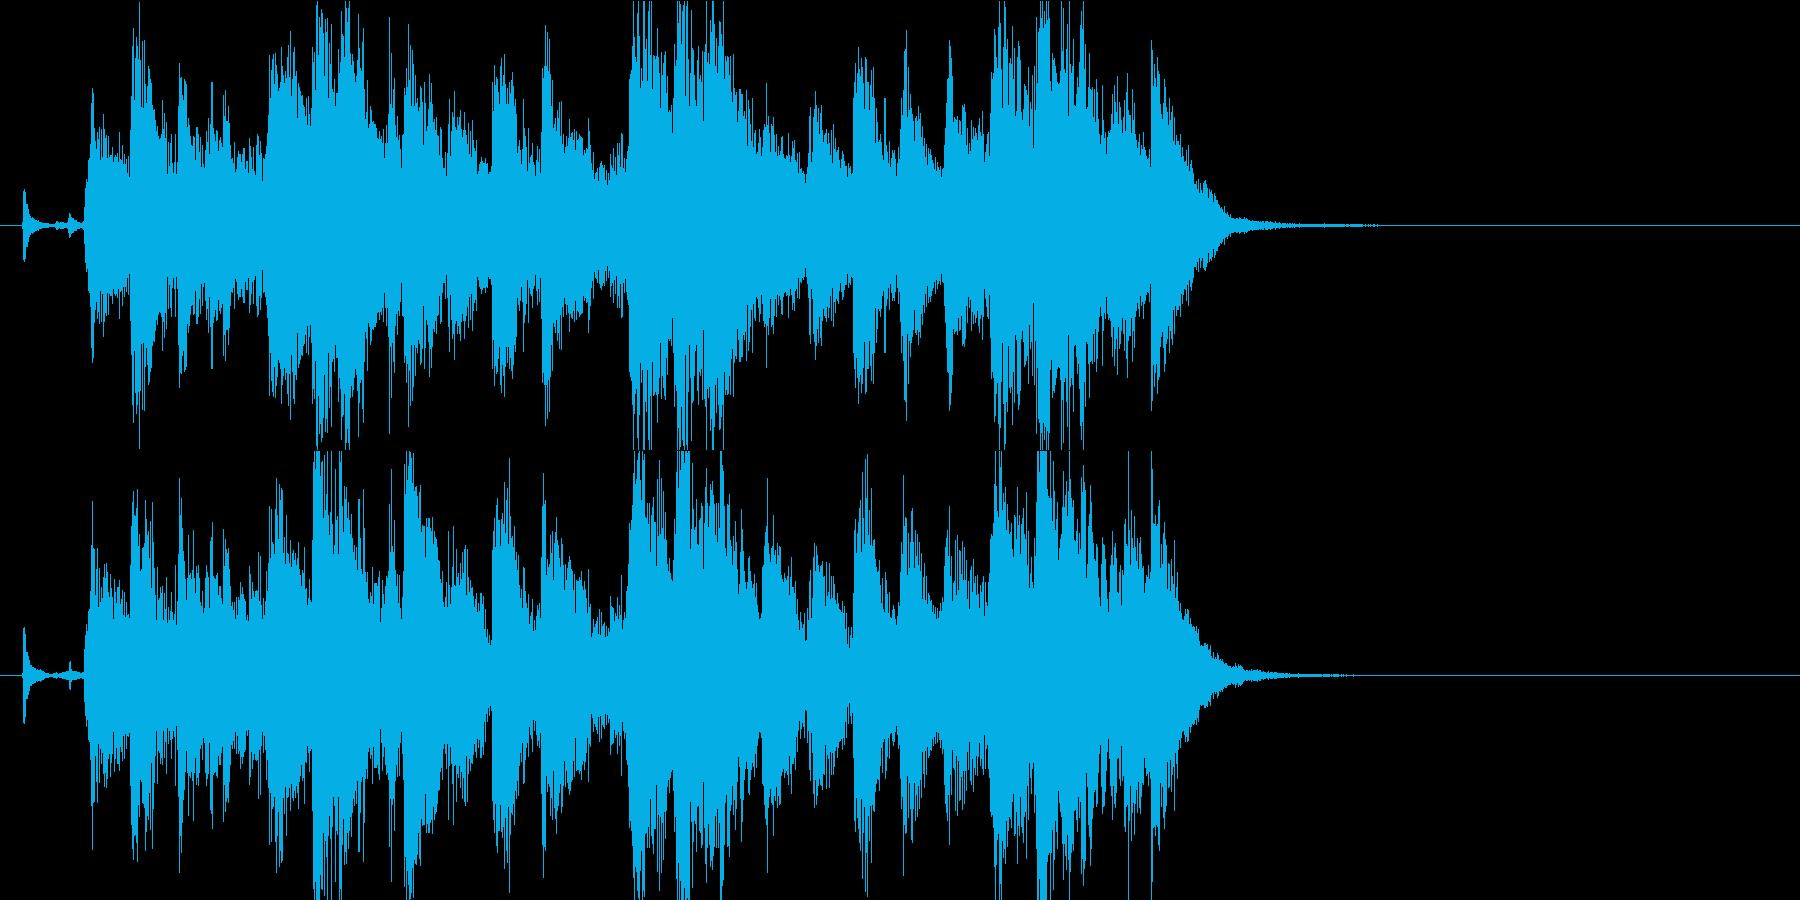 サックスメインのアダルトなジャズジングルの再生済みの波形